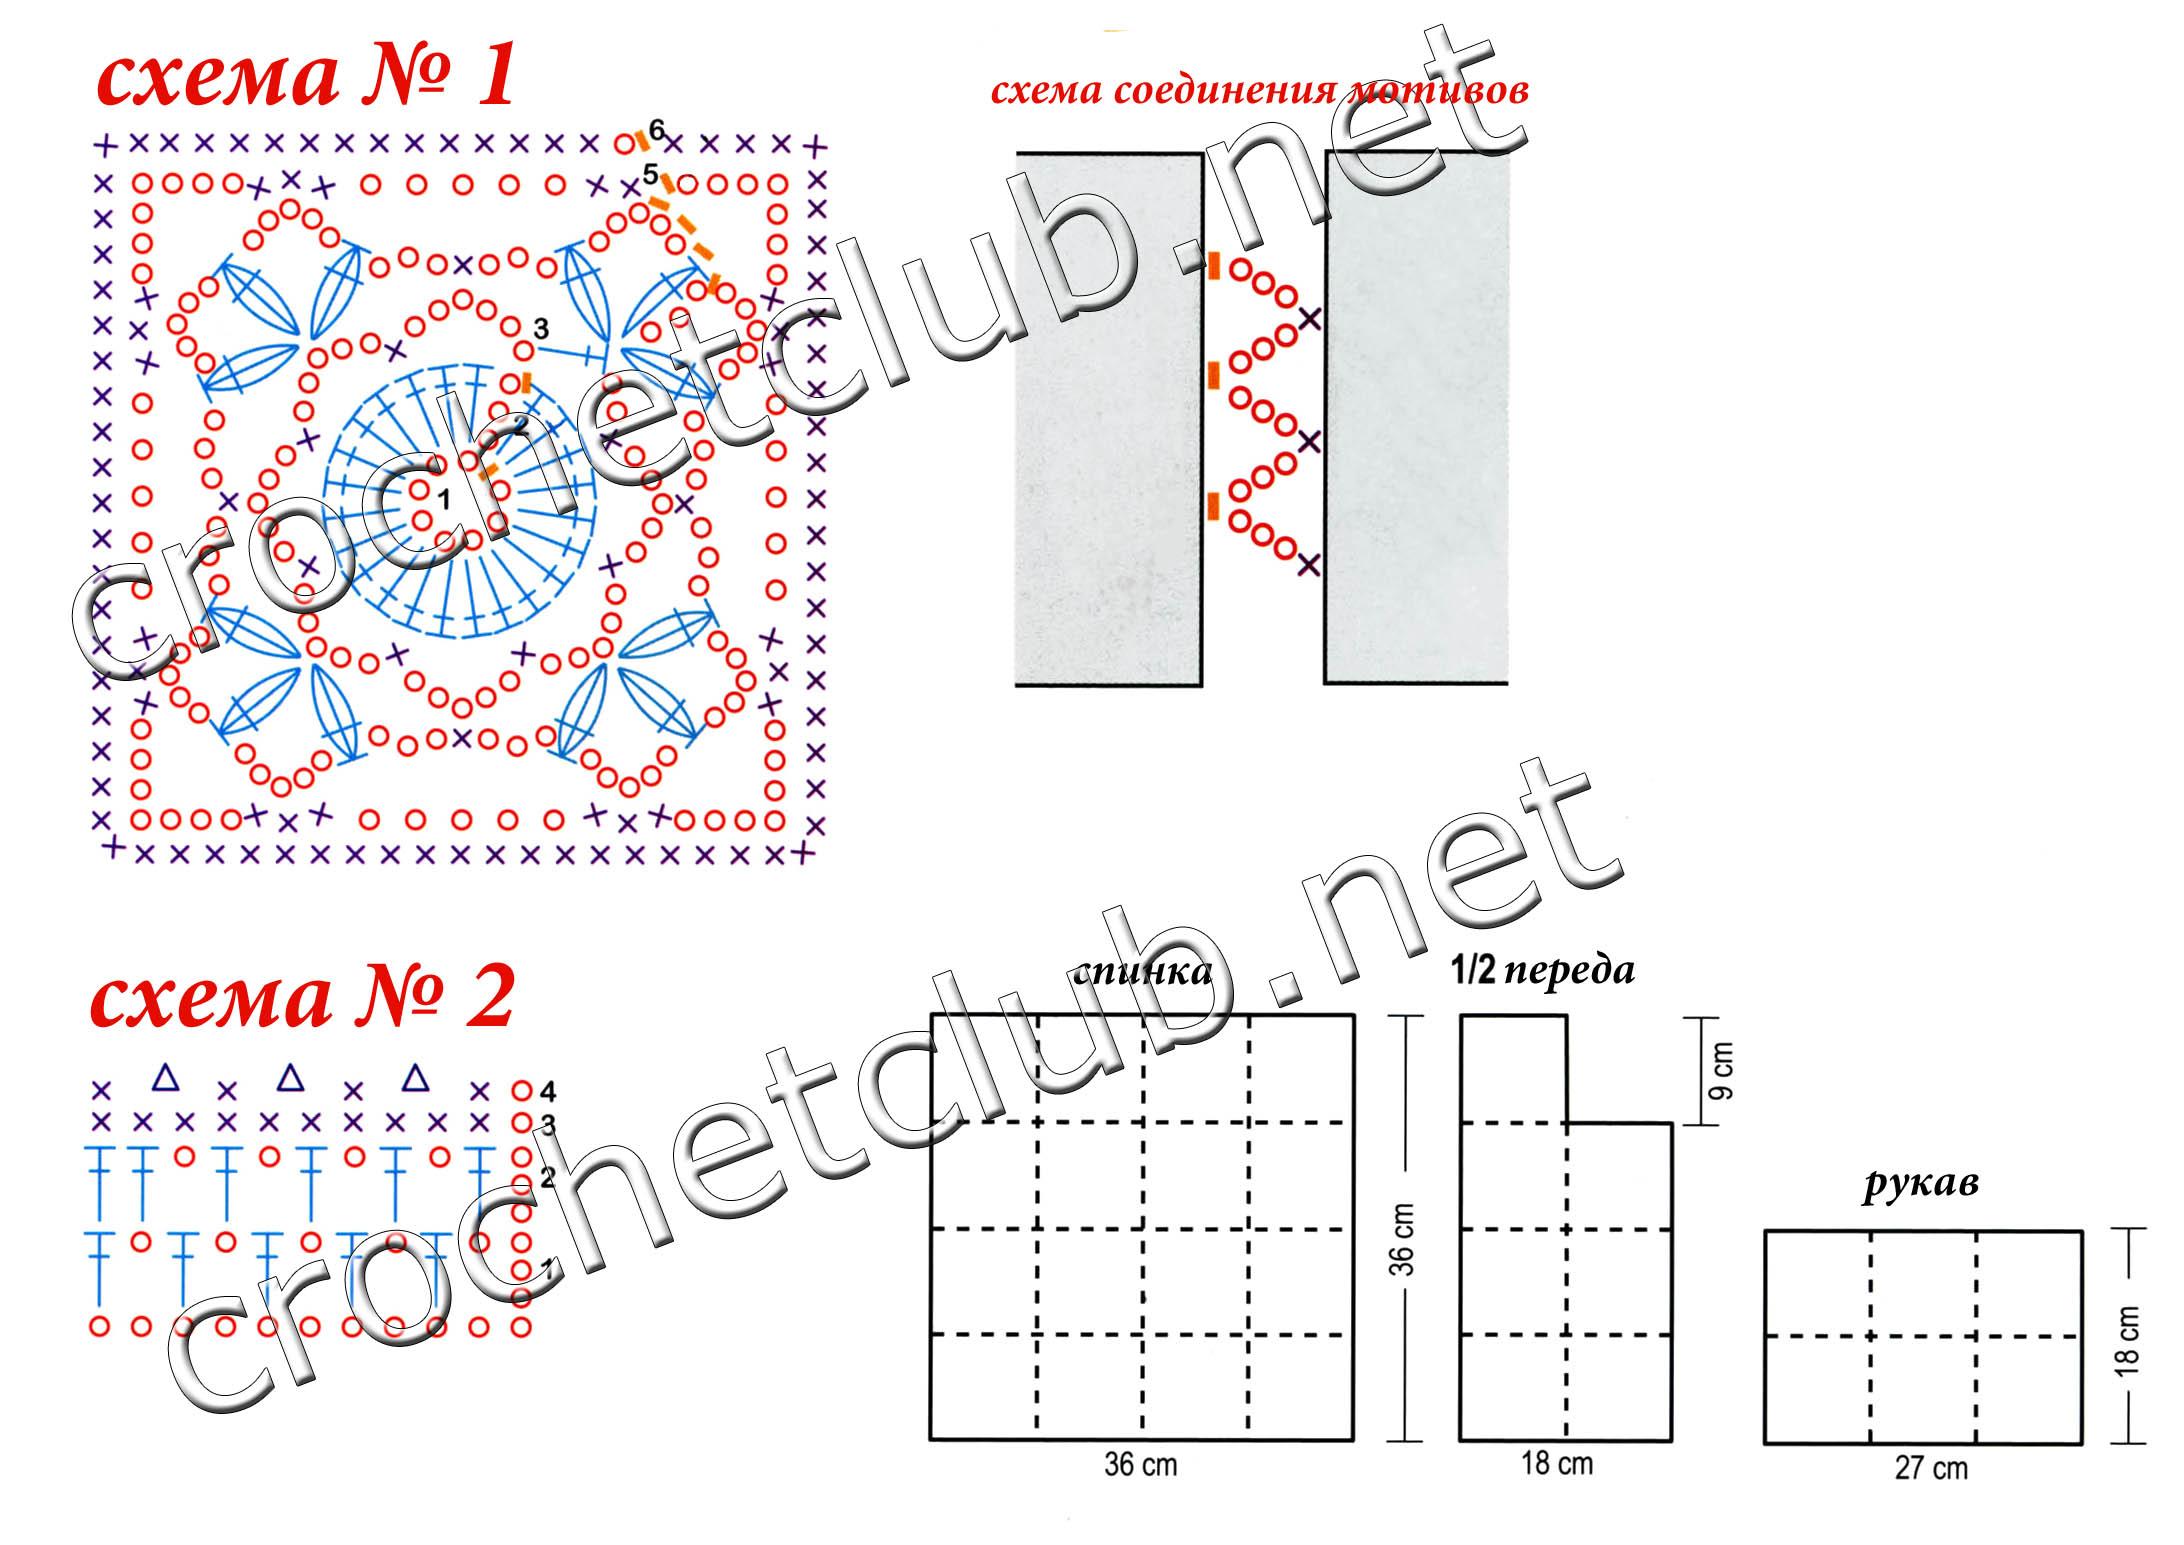 Вязание крючком квадратов Схемы квадратных мотивов.